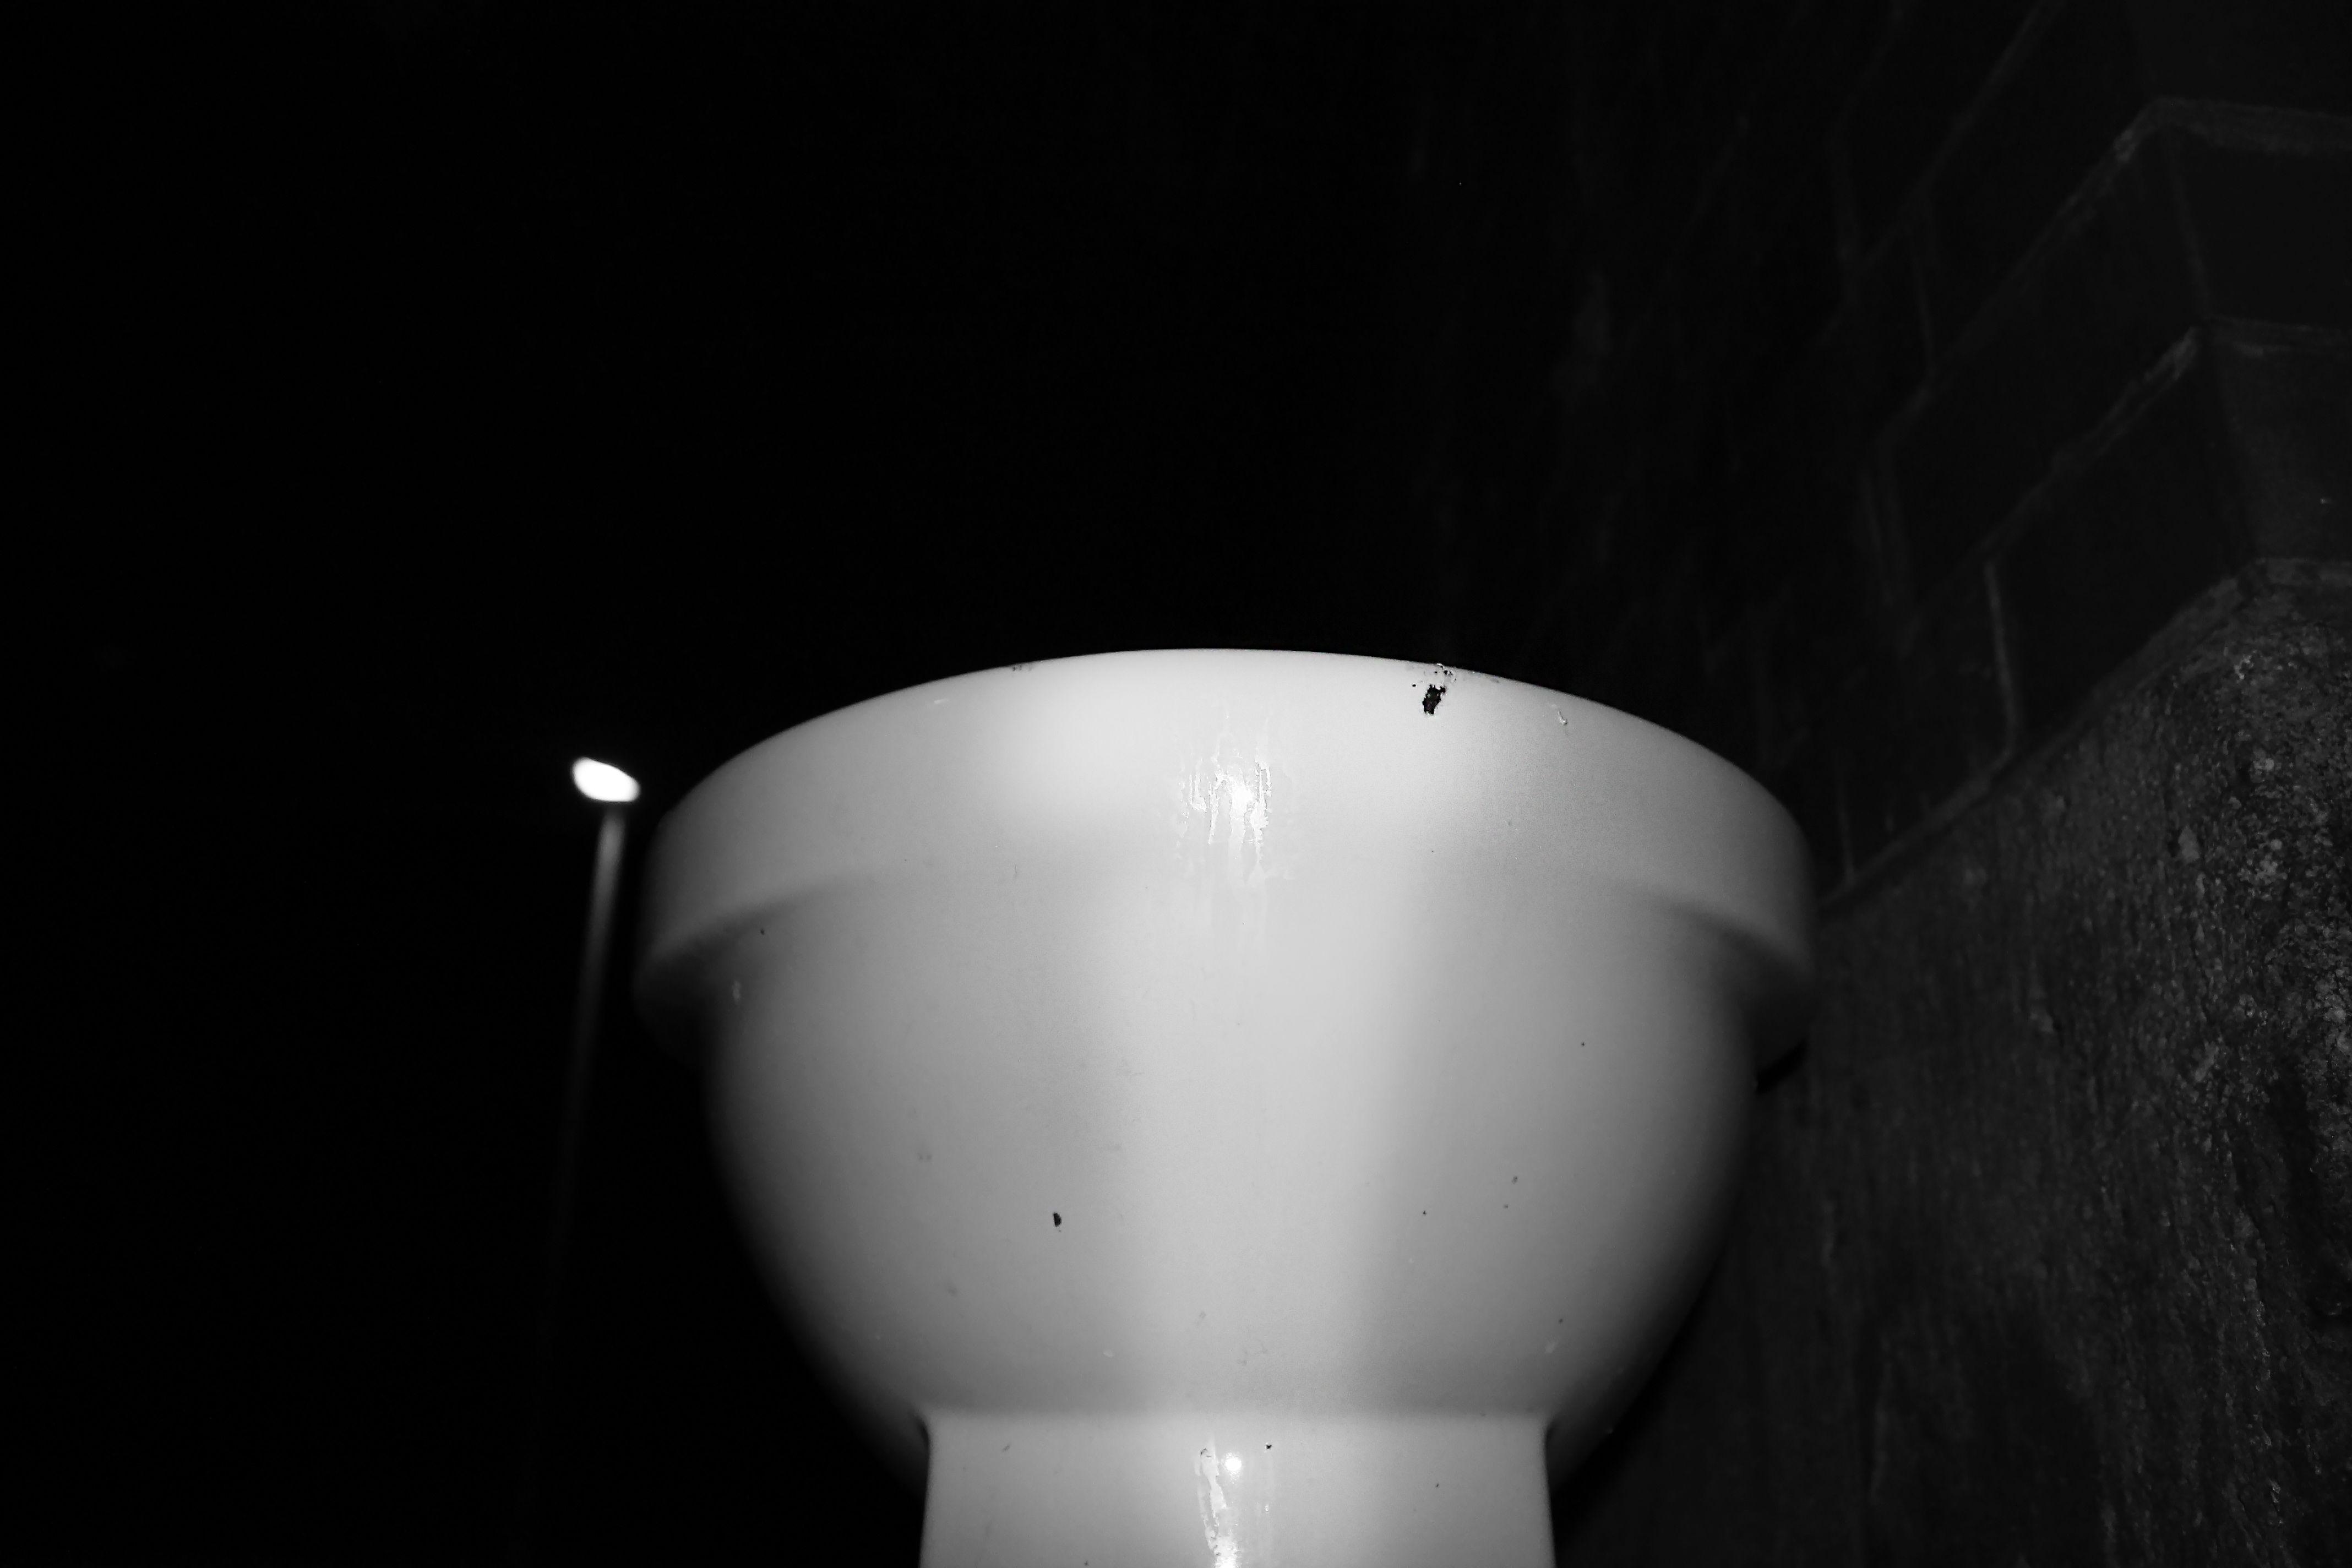 Auf Kosten der Gesundheit Teil Vier #streetart #toilet #yeah #whatever #hamburg #germany #uhlandstrasse http://icarolavia.blogspot.de/2016/05/auf-kosten-der-gesundheit-teil-vier.html